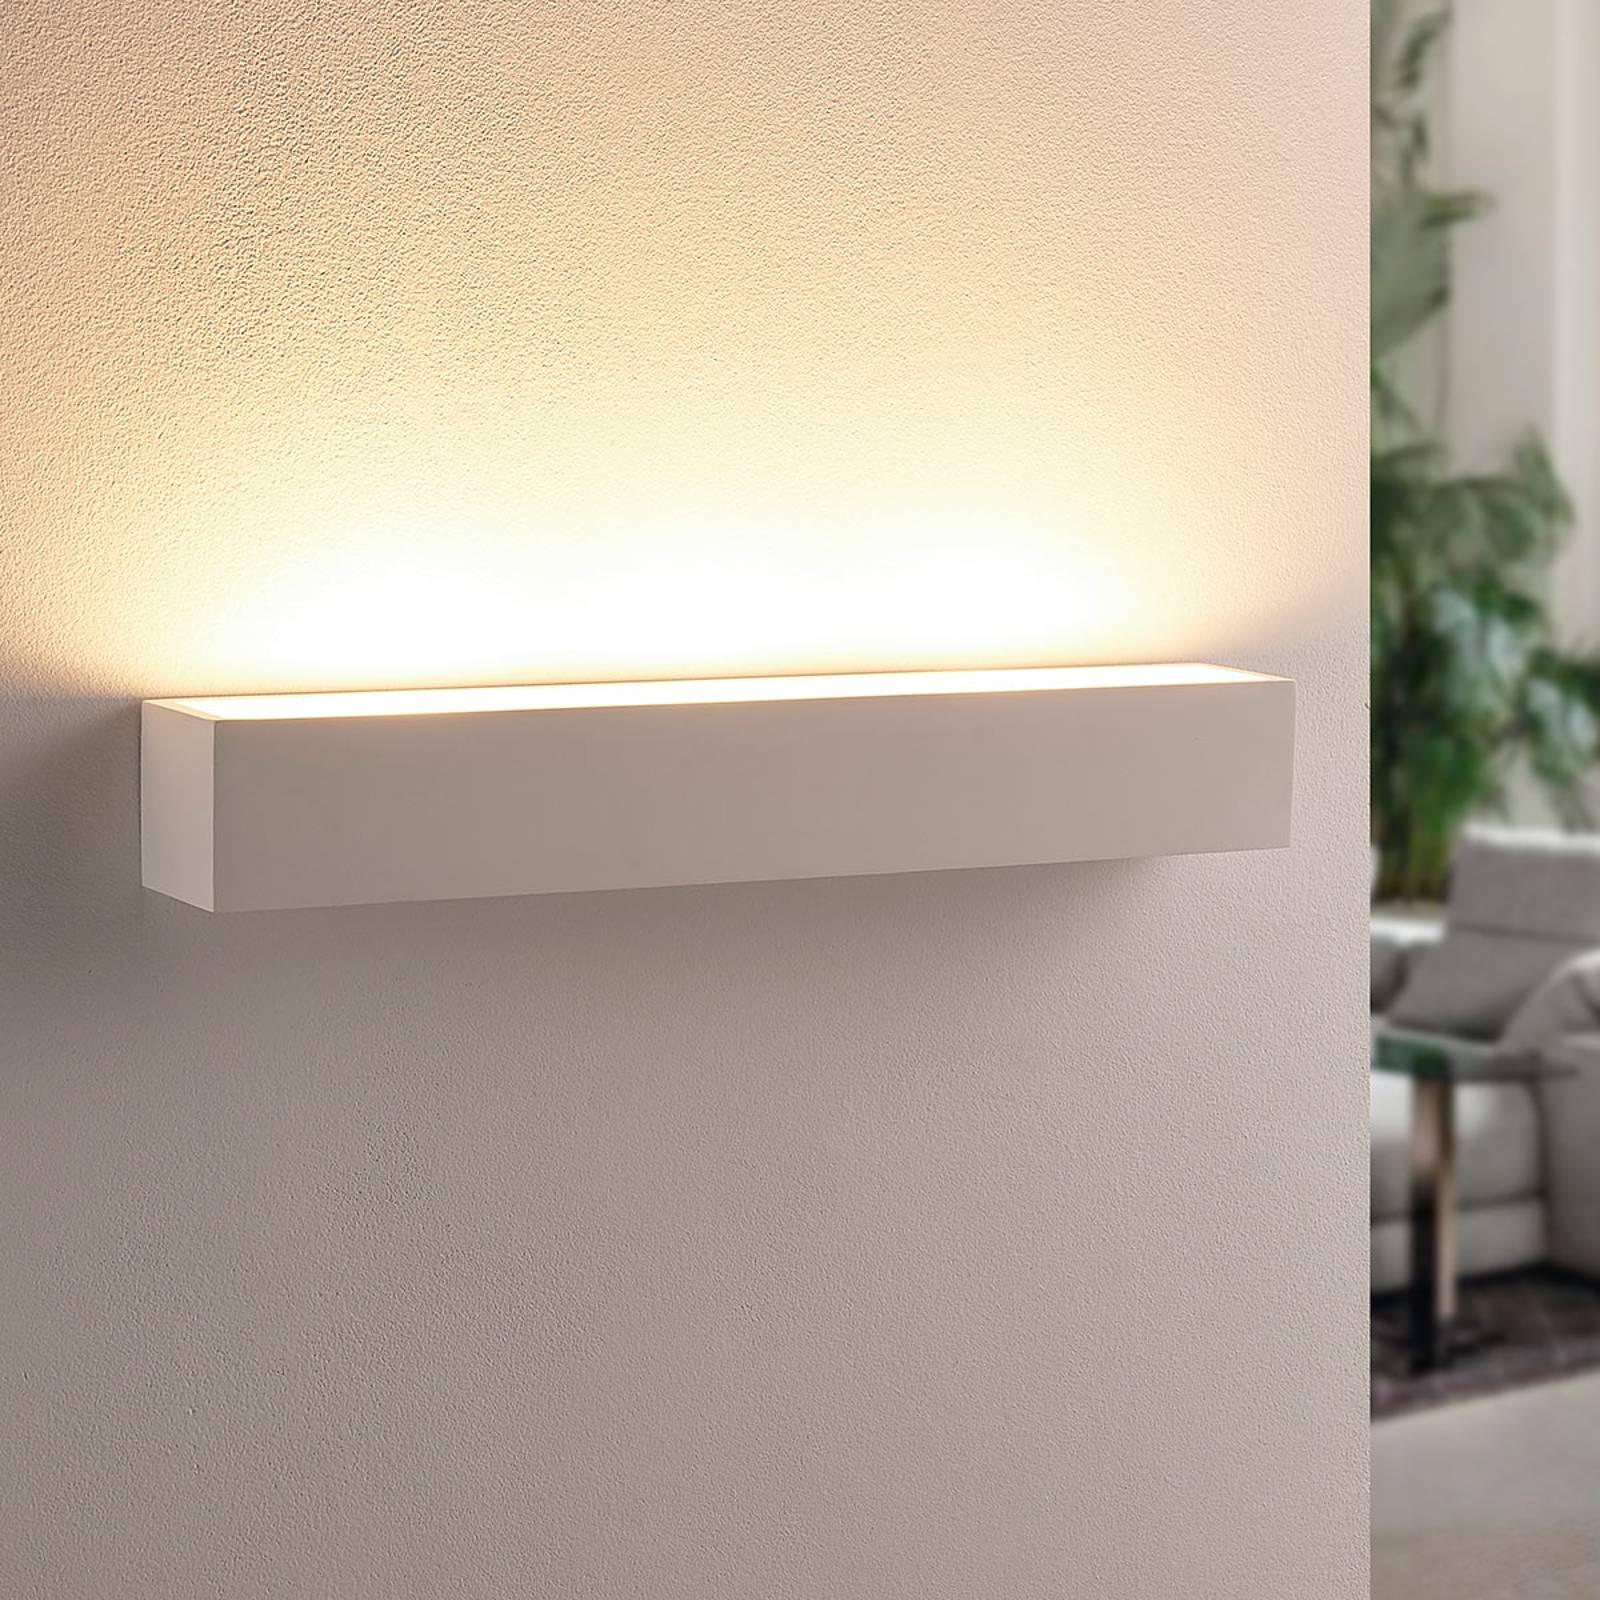 Valkoinen LED-kipsiseinävalaisin Santino, kulmikas